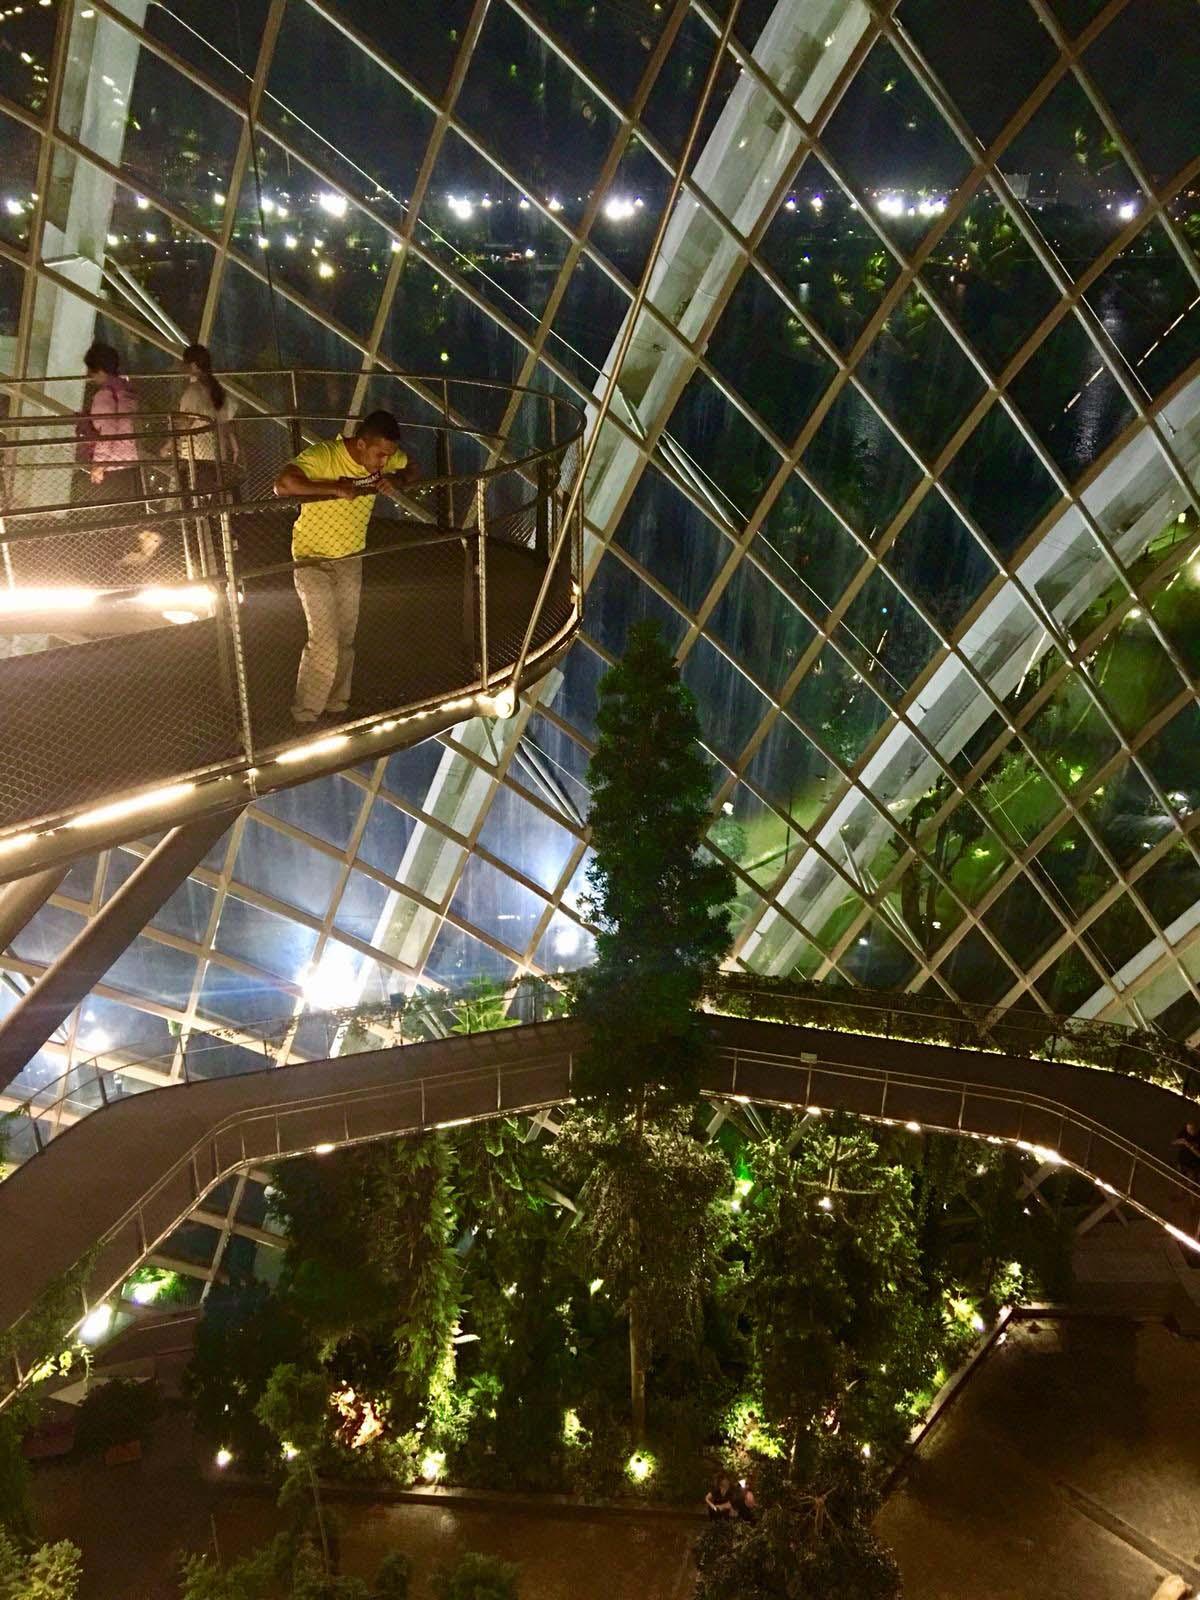 Fakta lain tentang Flower Dome, Harga Tiket dan Jam Operasional Flower Dome, Flower Dome ini merupakan sebuah tempat yang unik dan mempesona yang wajib kalian kunjungi kalau liburan ke Singapura, liburan akhir tahun ke Singapura